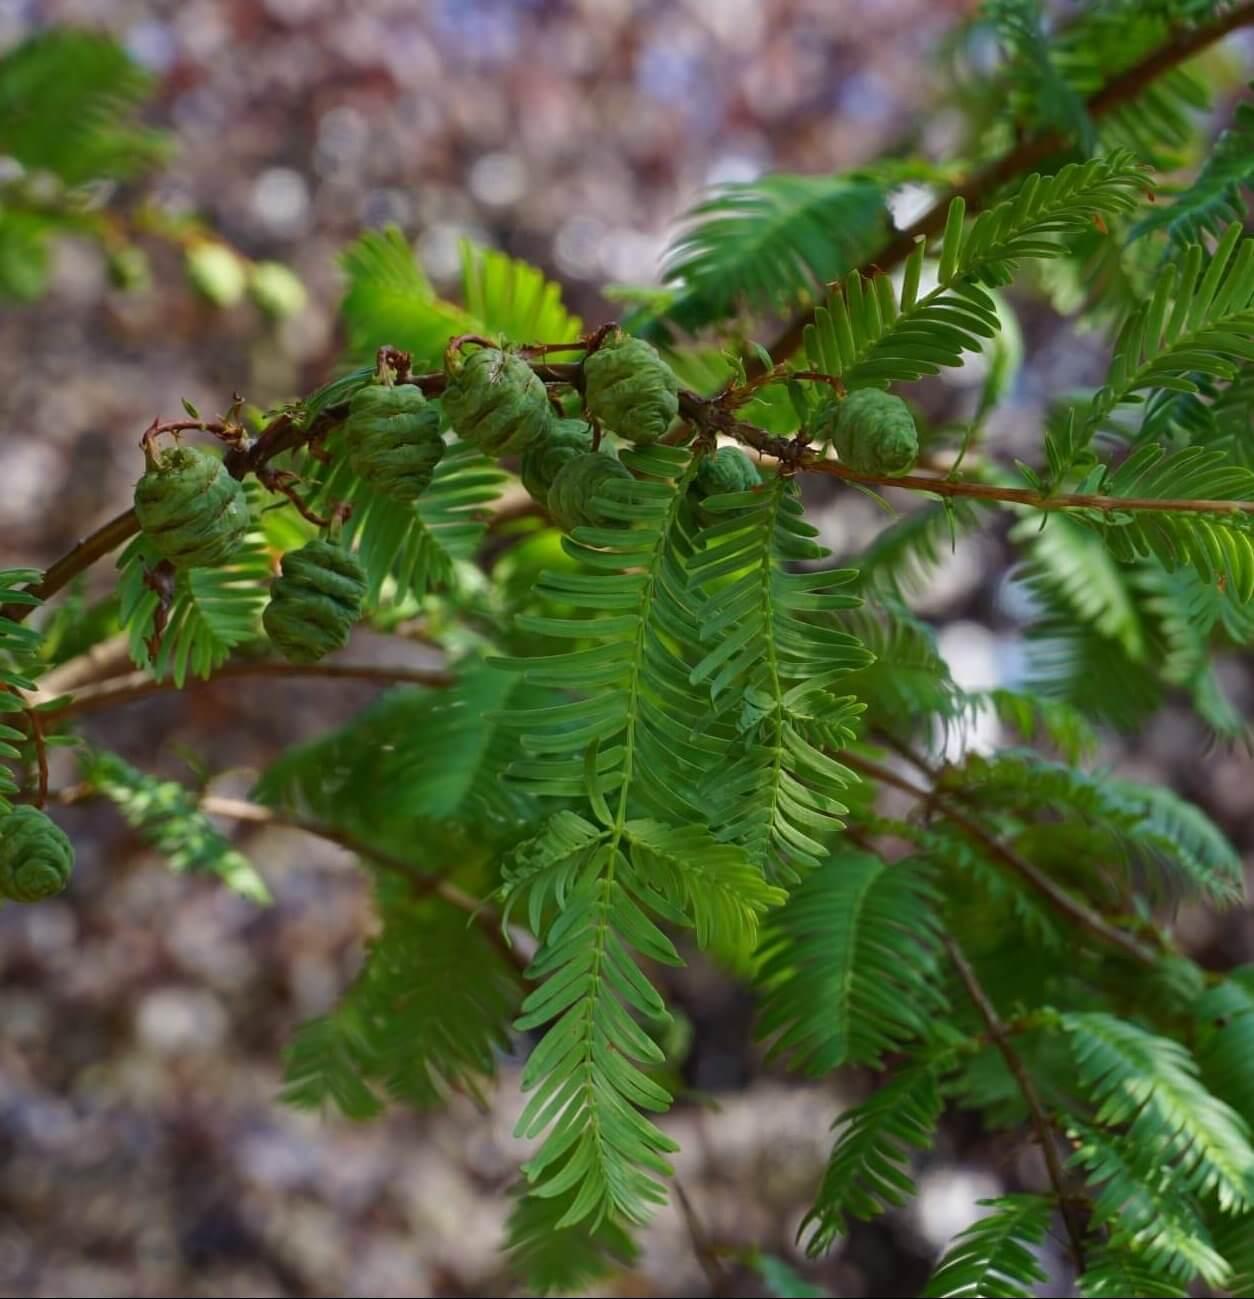 Das Bild zeigt die noch grünen unreifen Zapfen im August an einem Urweltmammutbaum im Kosmosviertel.